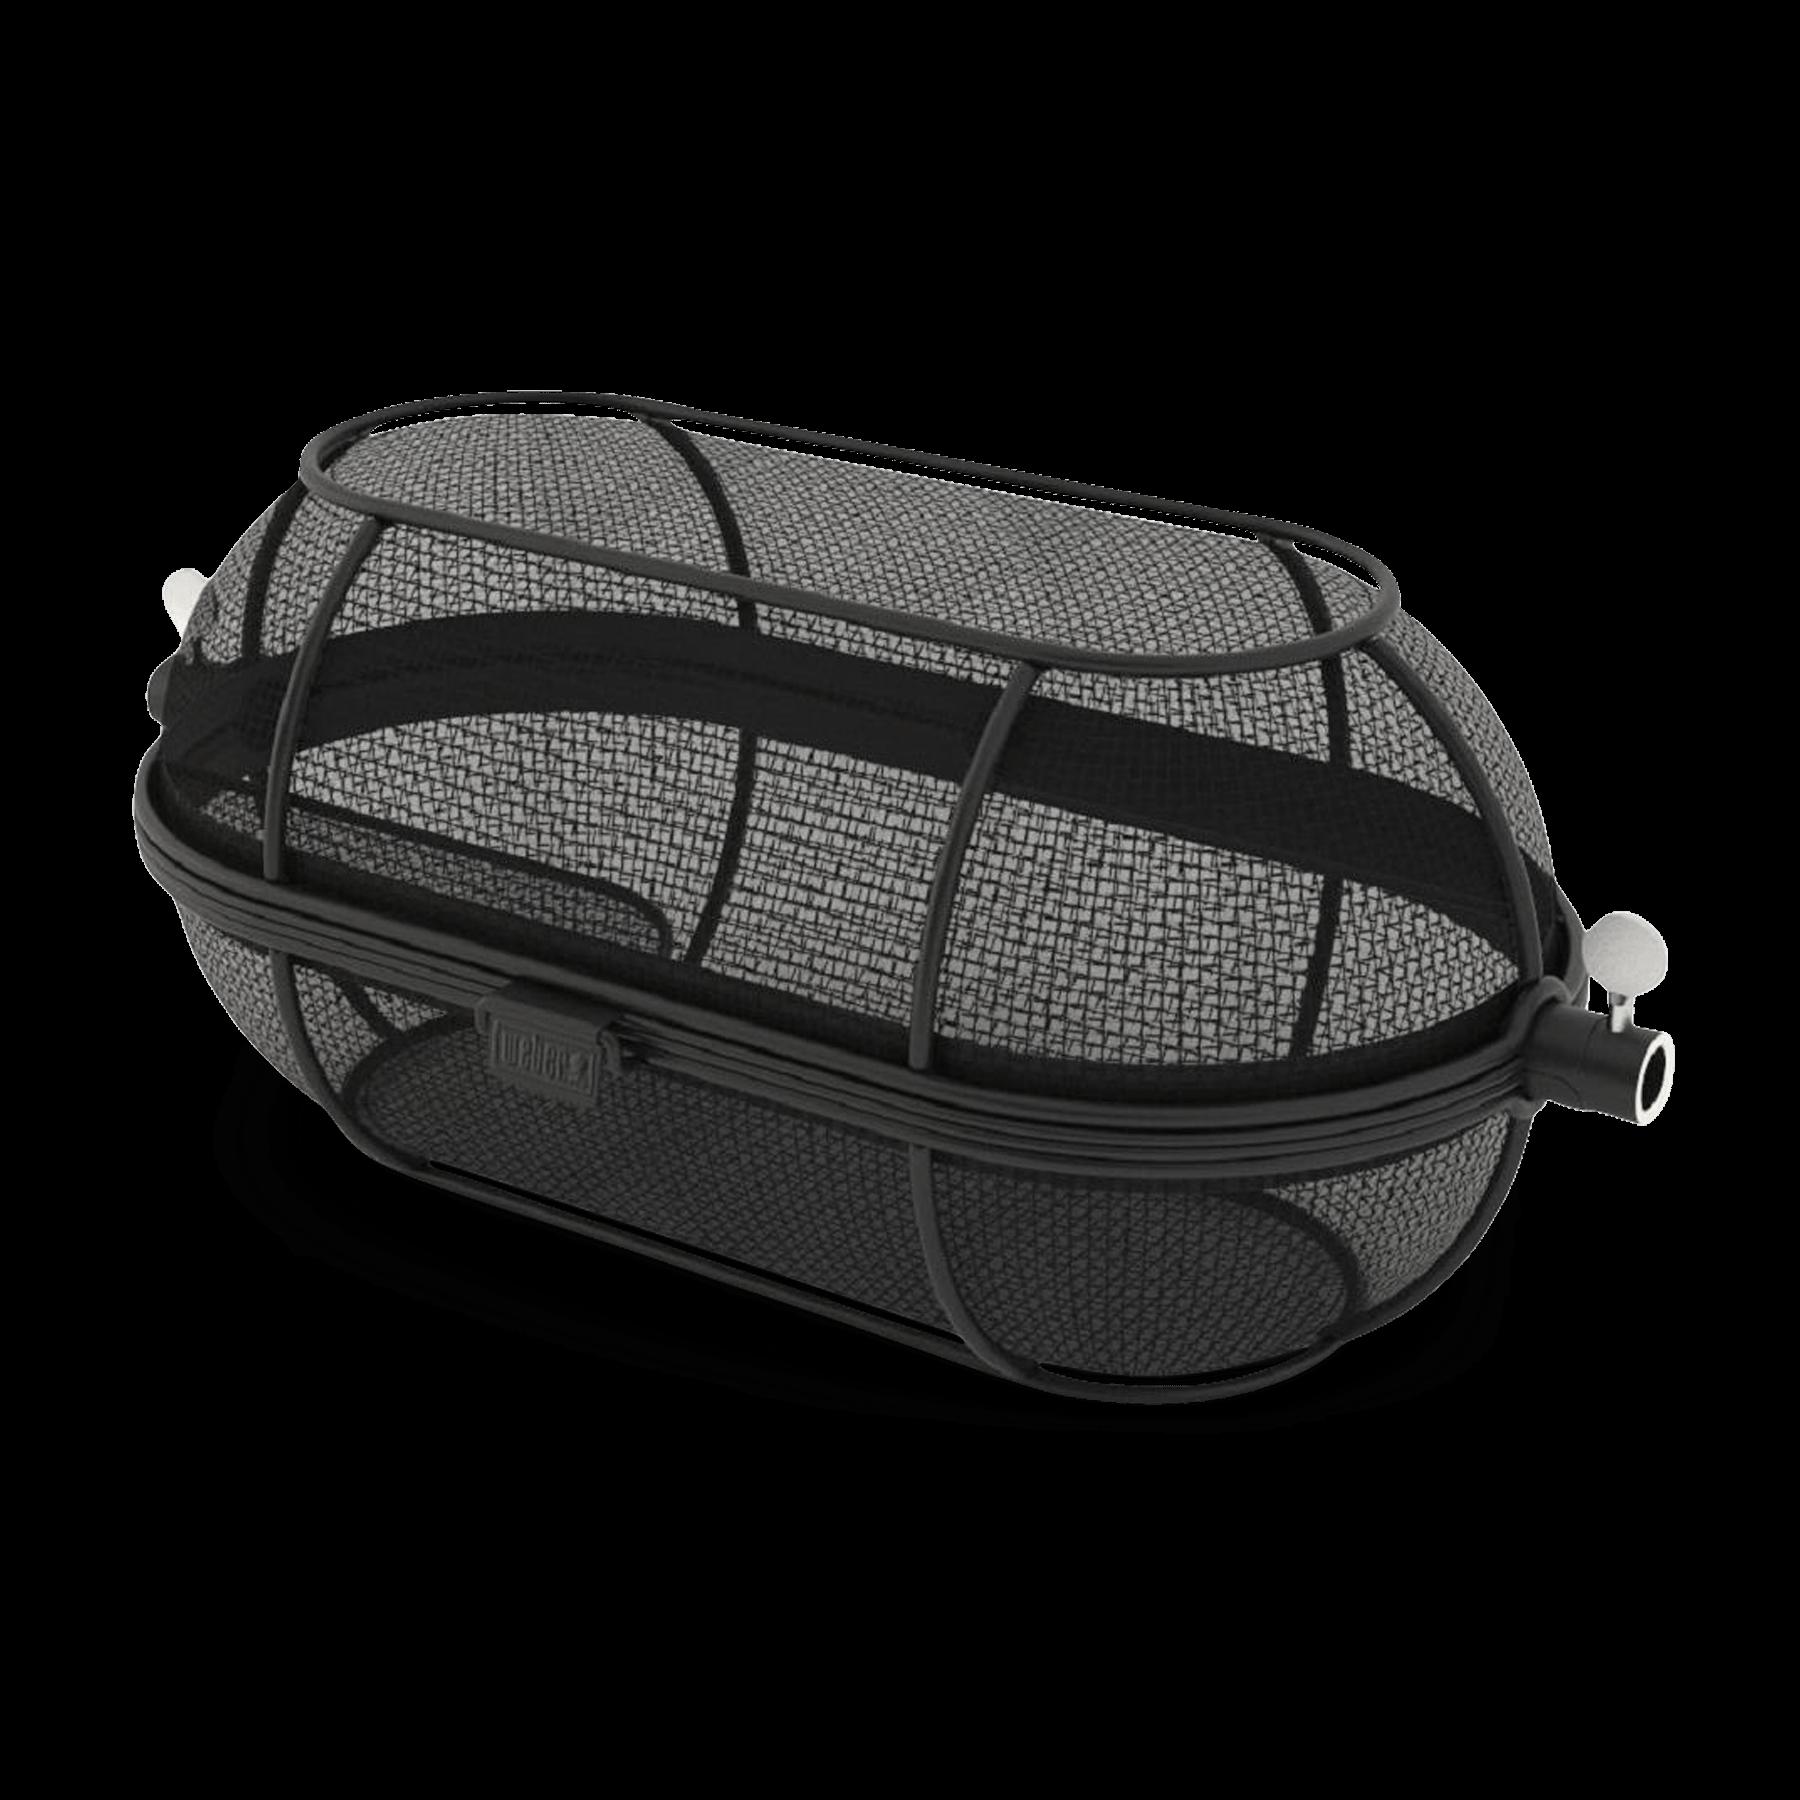 Premium Fine Mesh Rotisserie Basket